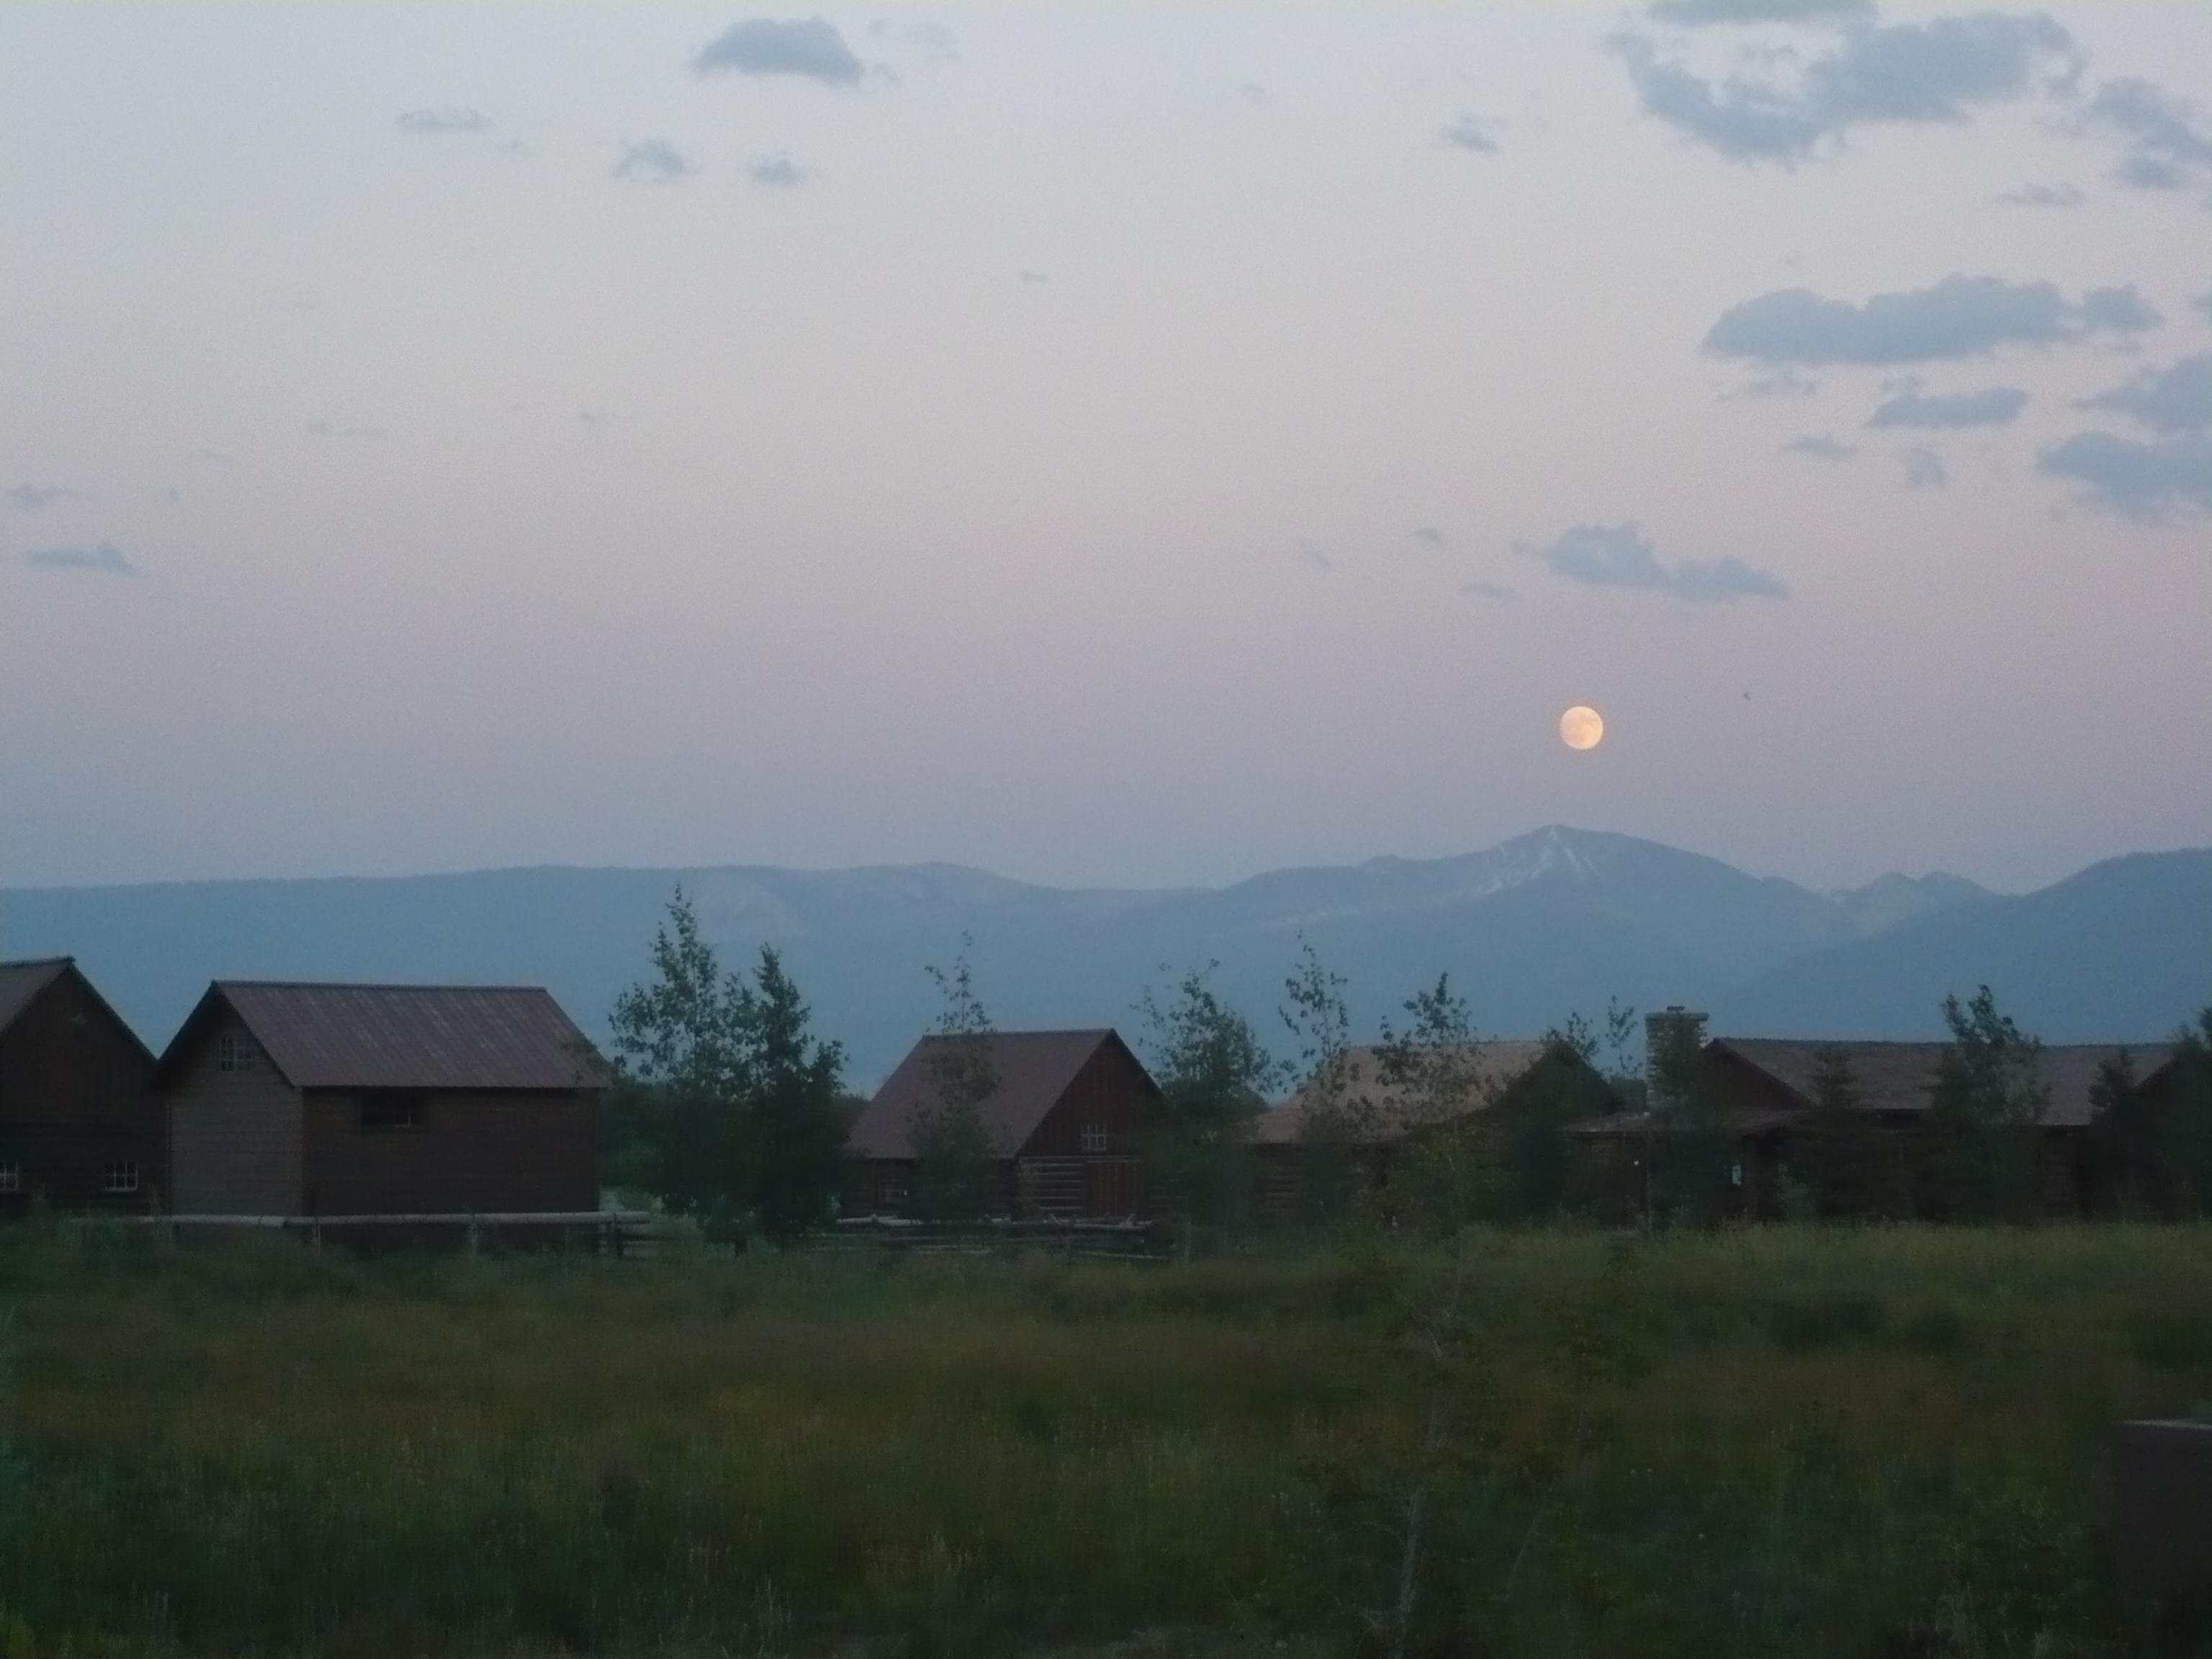 Moonrise Jackson Hole (click to enlarge)